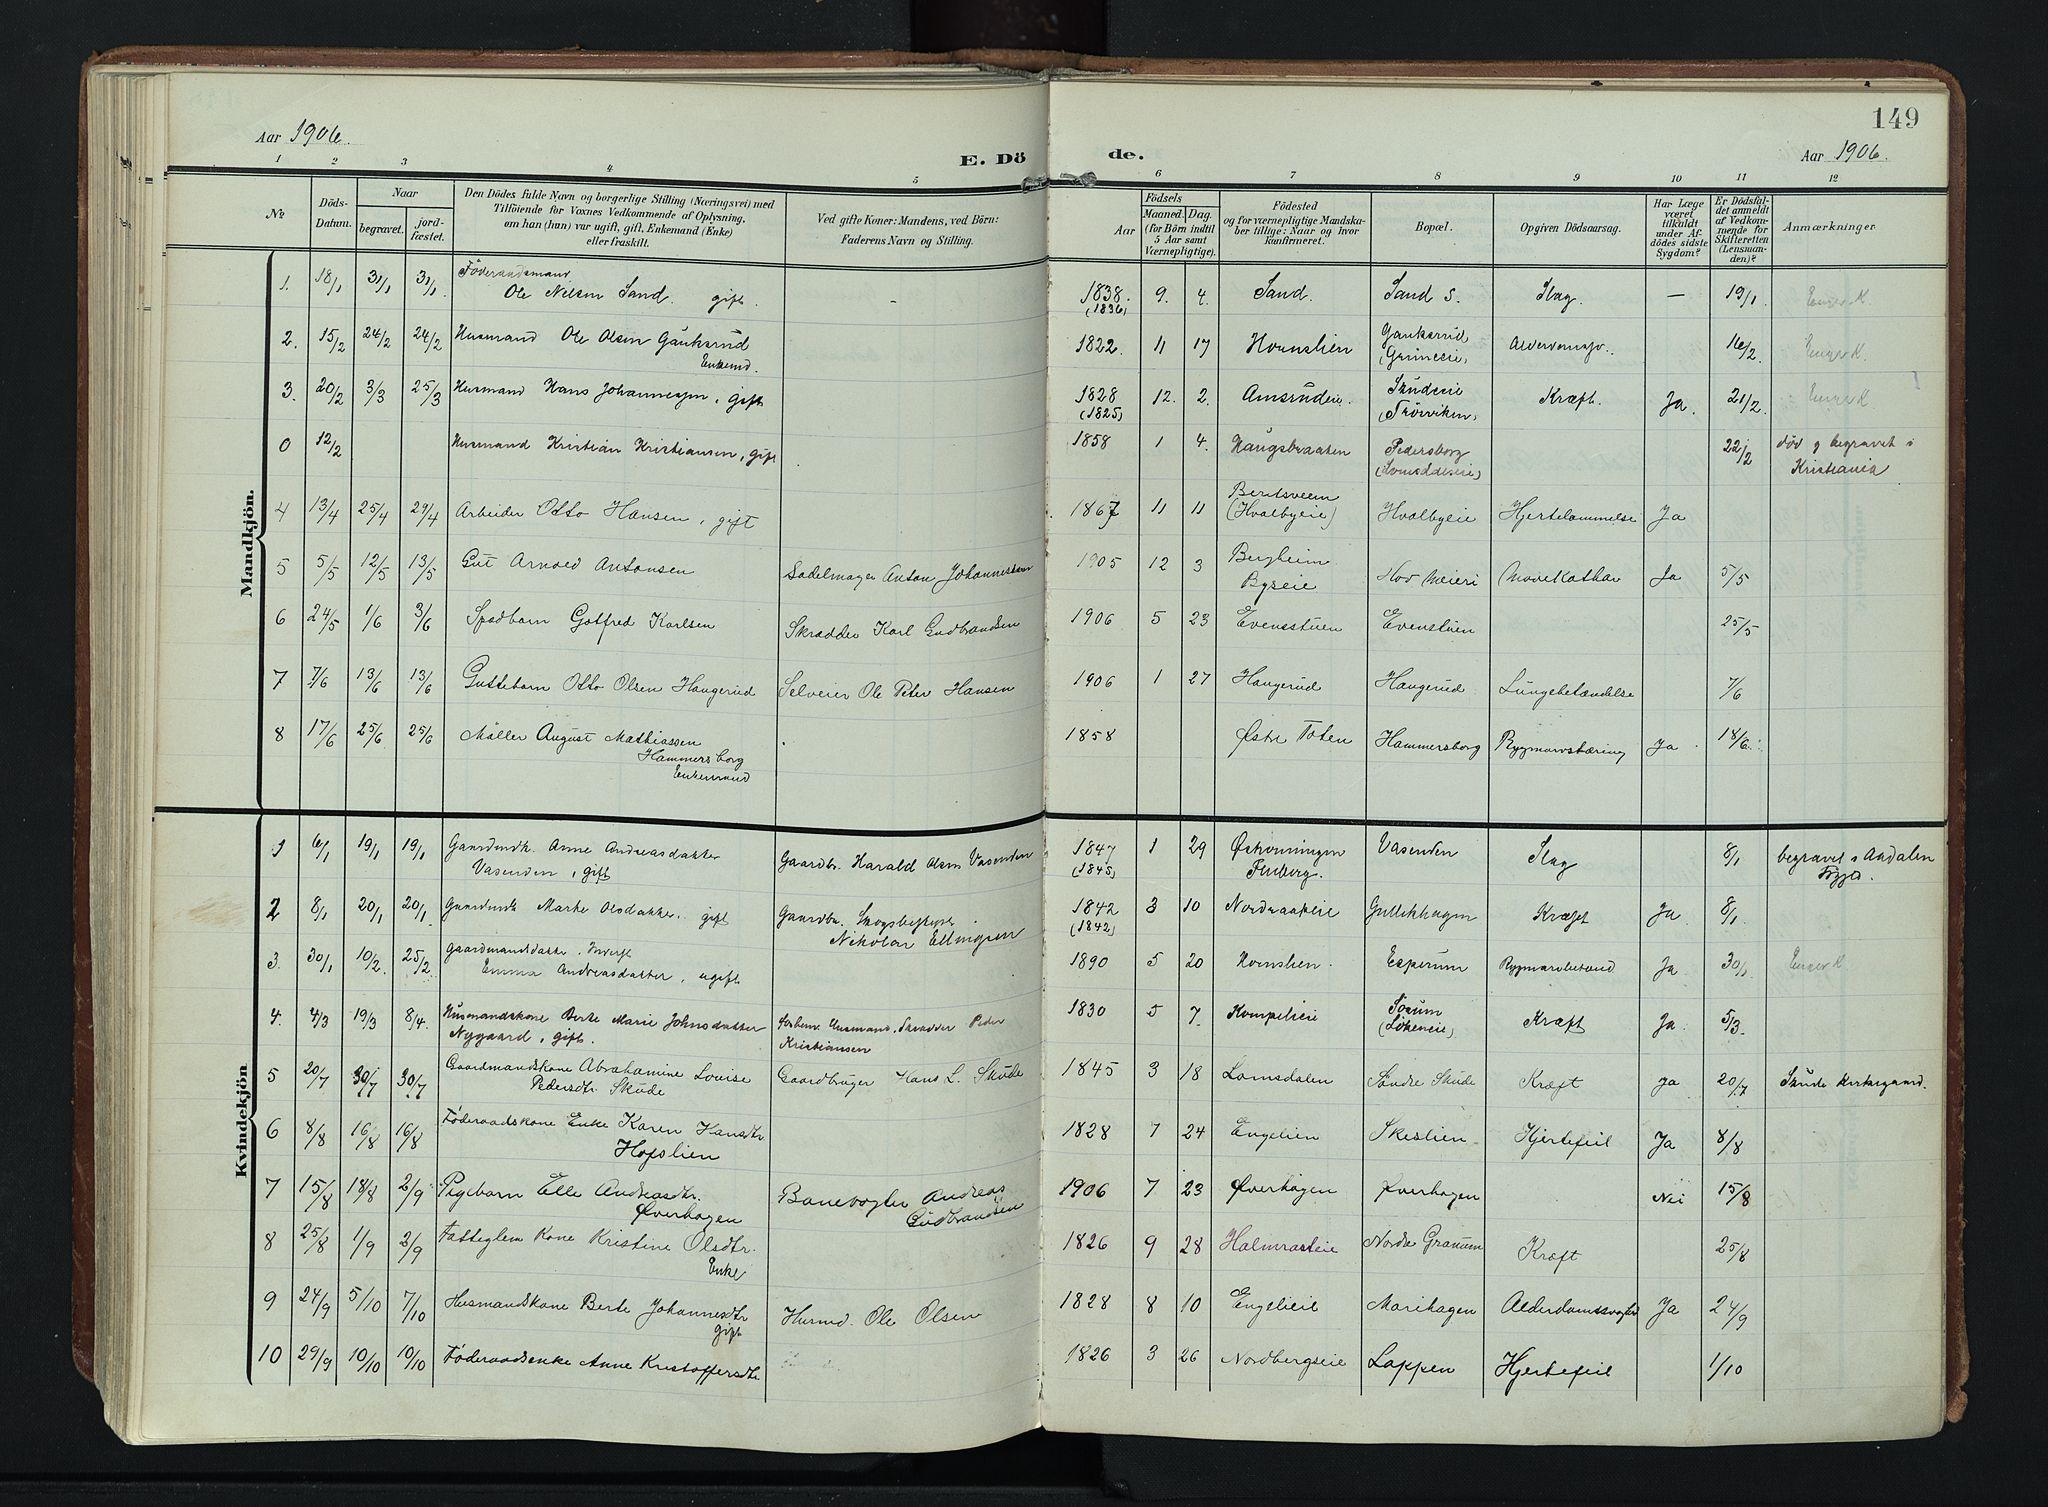 SAH, Søndre Land prestekontor, K/L0007: Ministerialbok nr. 7, 1905-1914, s. 149